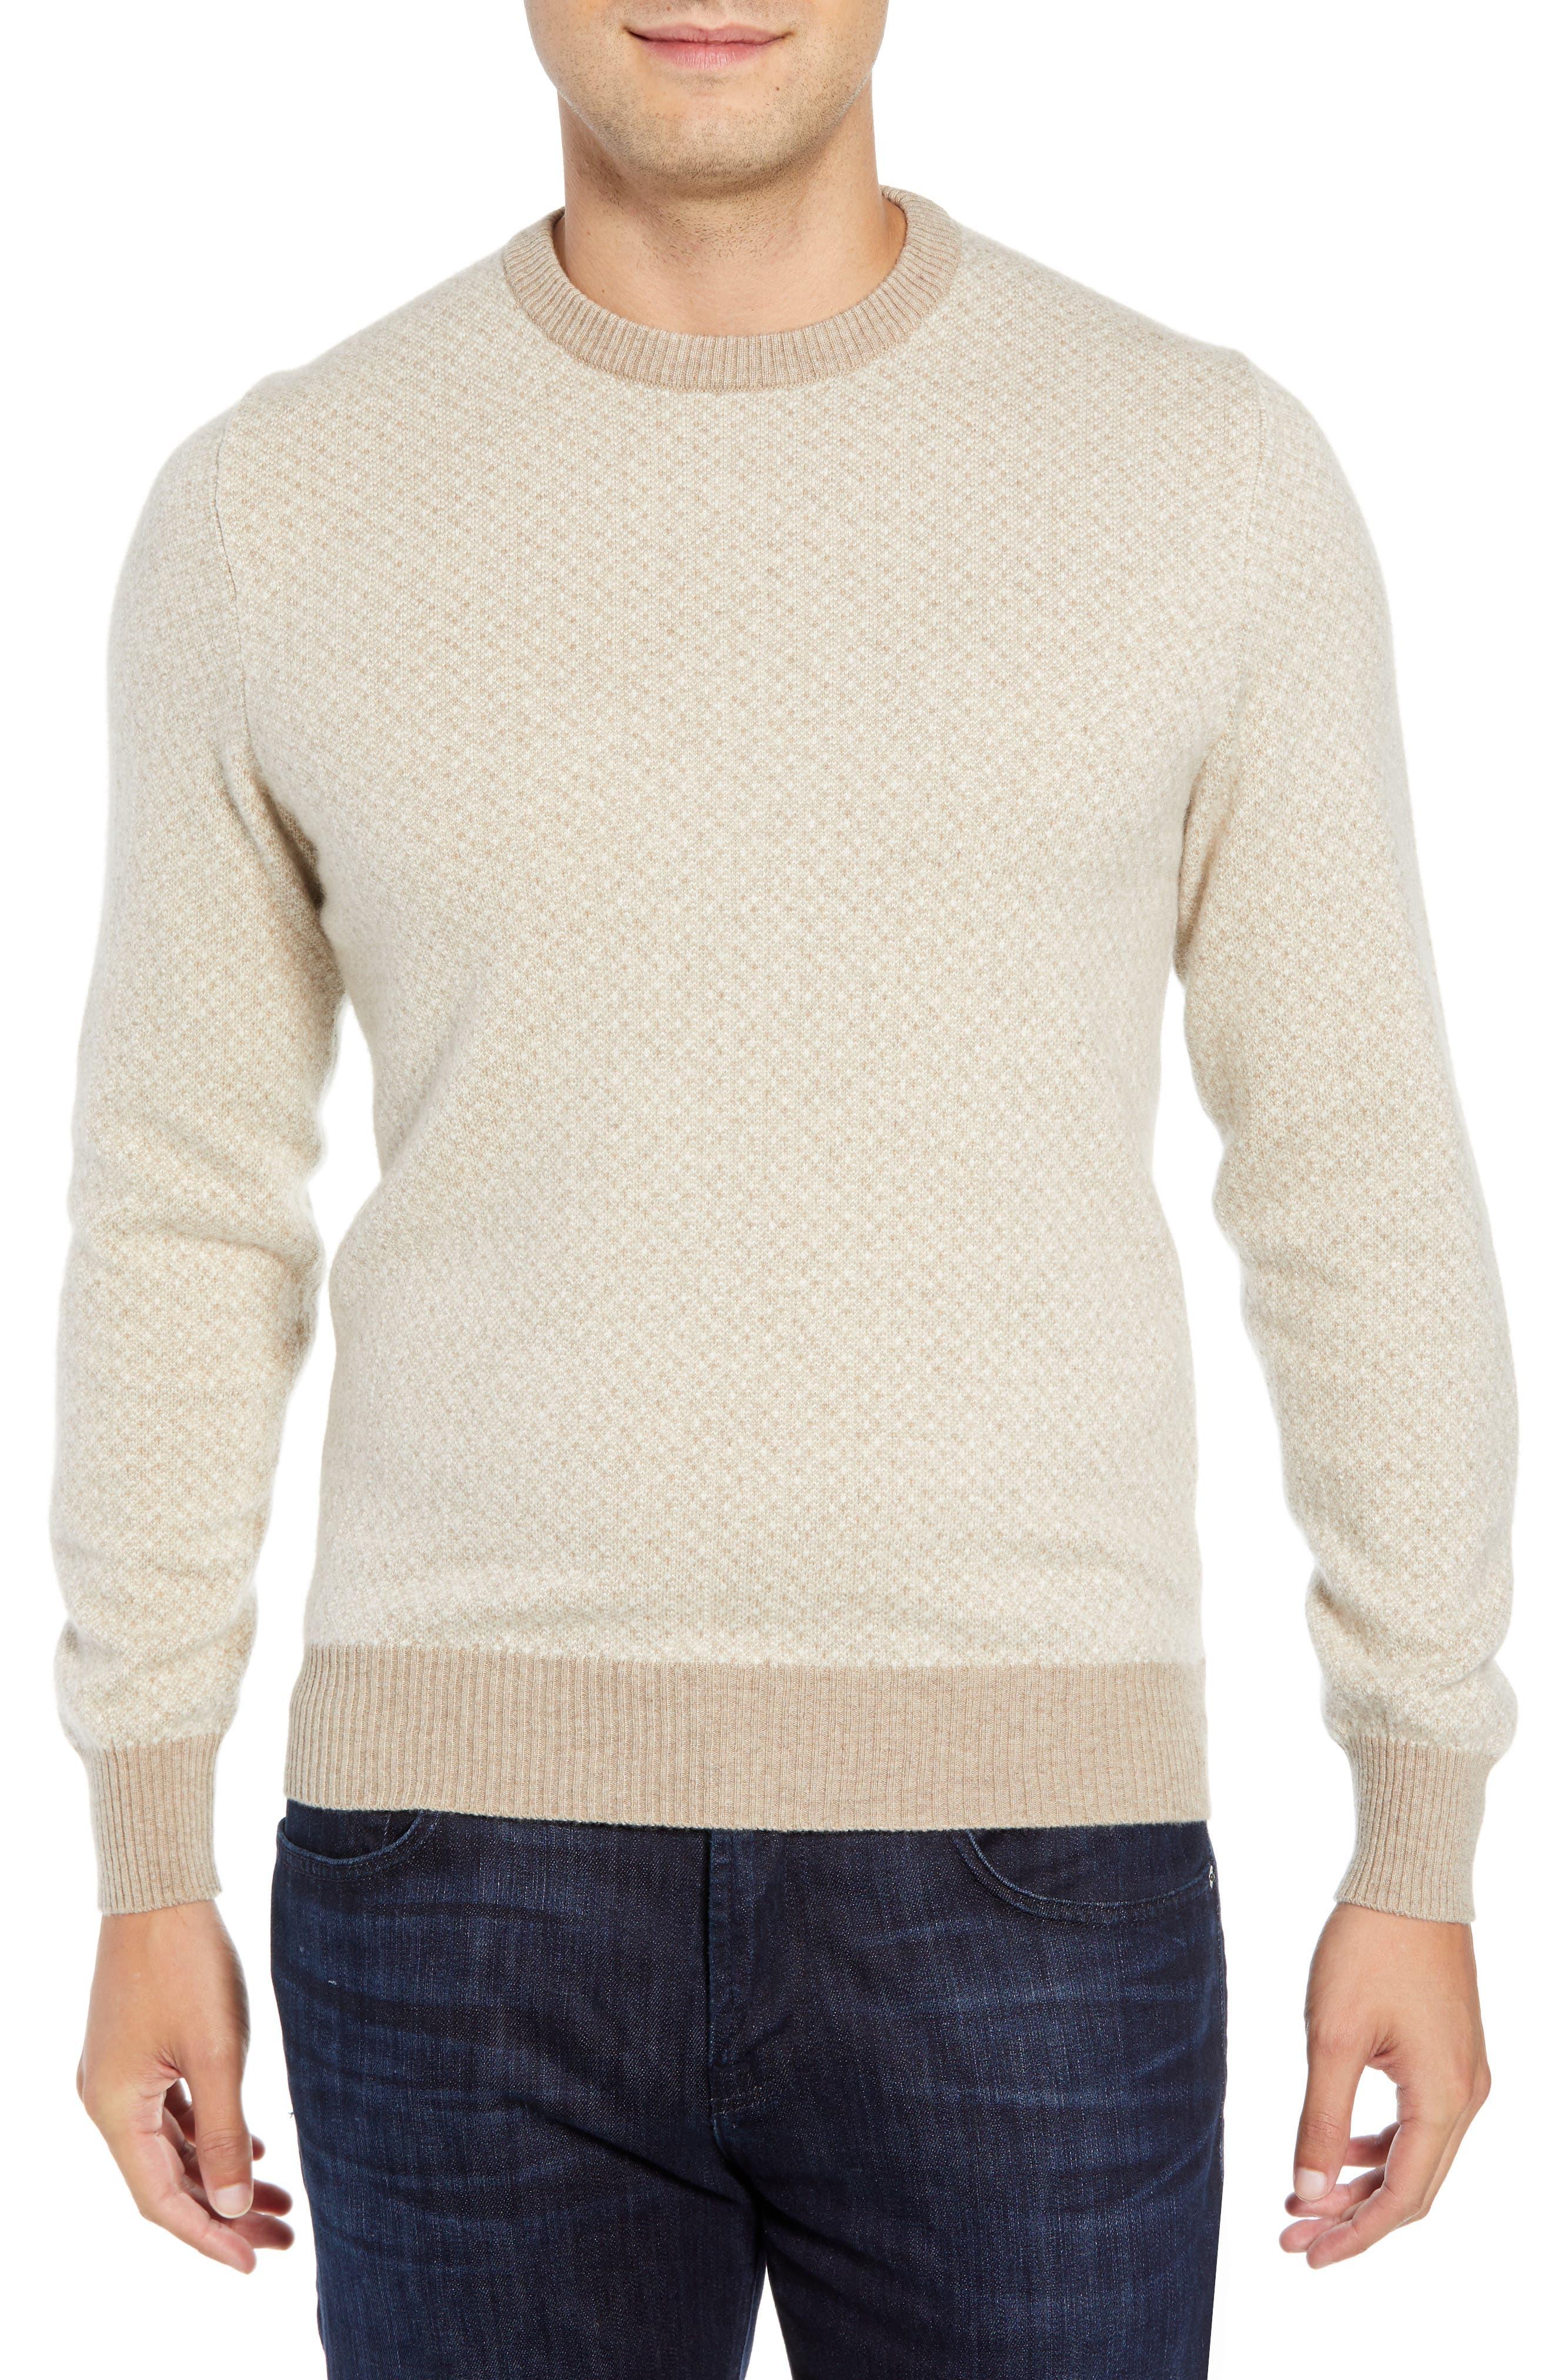 Crewneck Cashmere Sweater,                             Main thumbnail 1, color,                             BEIGE